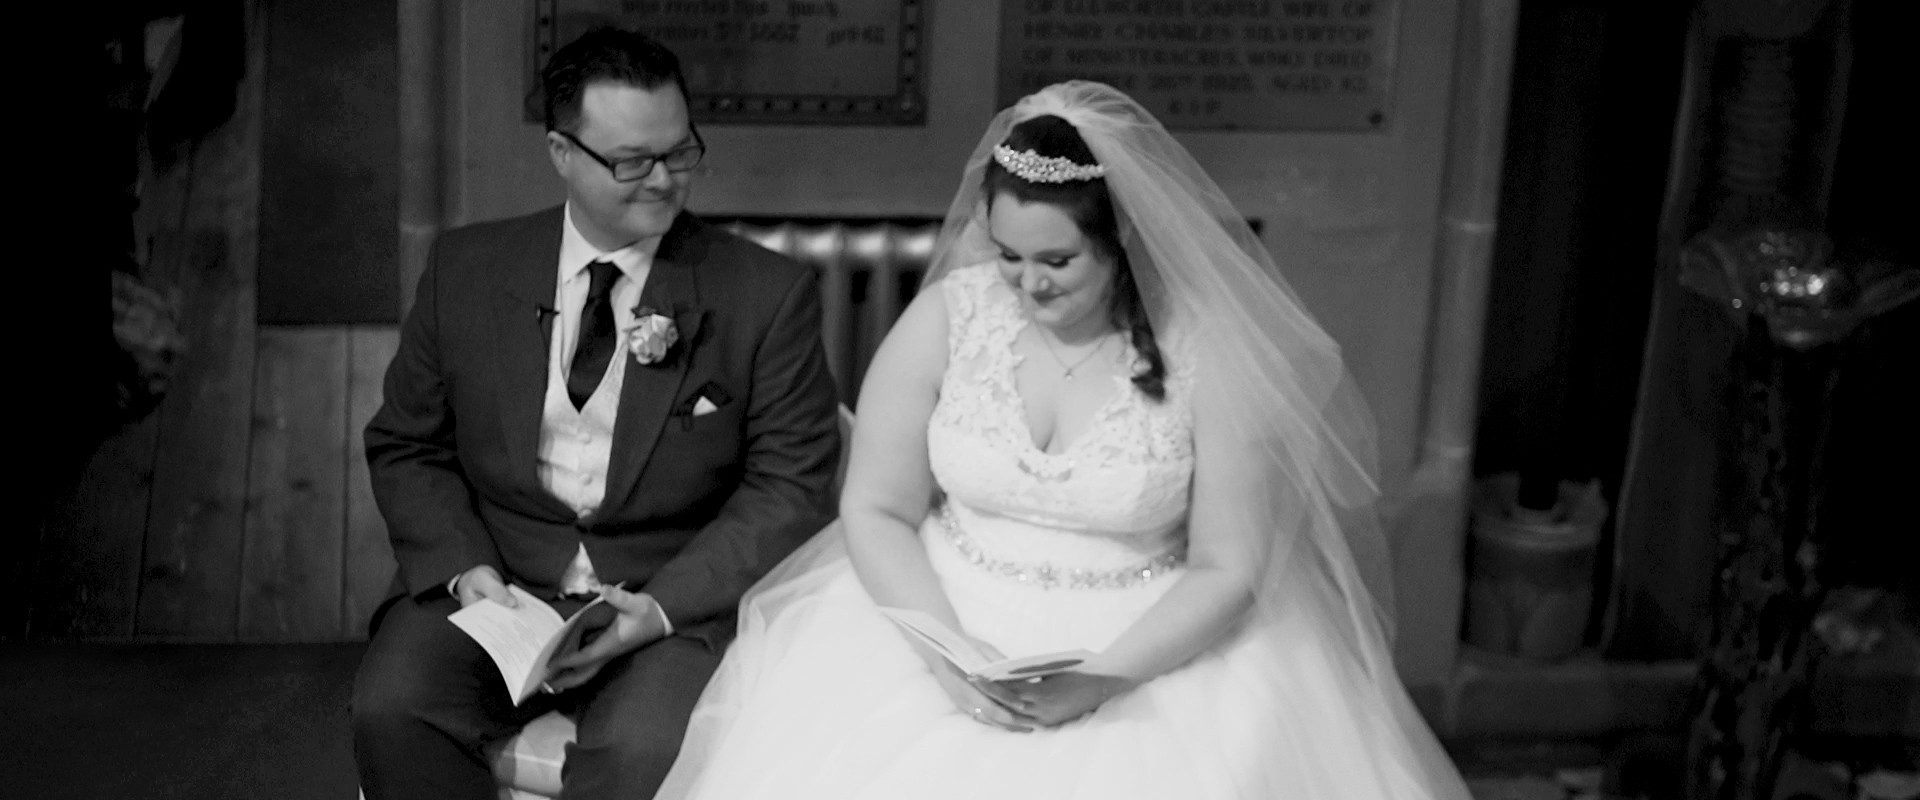 Wedding-ShortFilm-BW.00_02_33_13.Still02